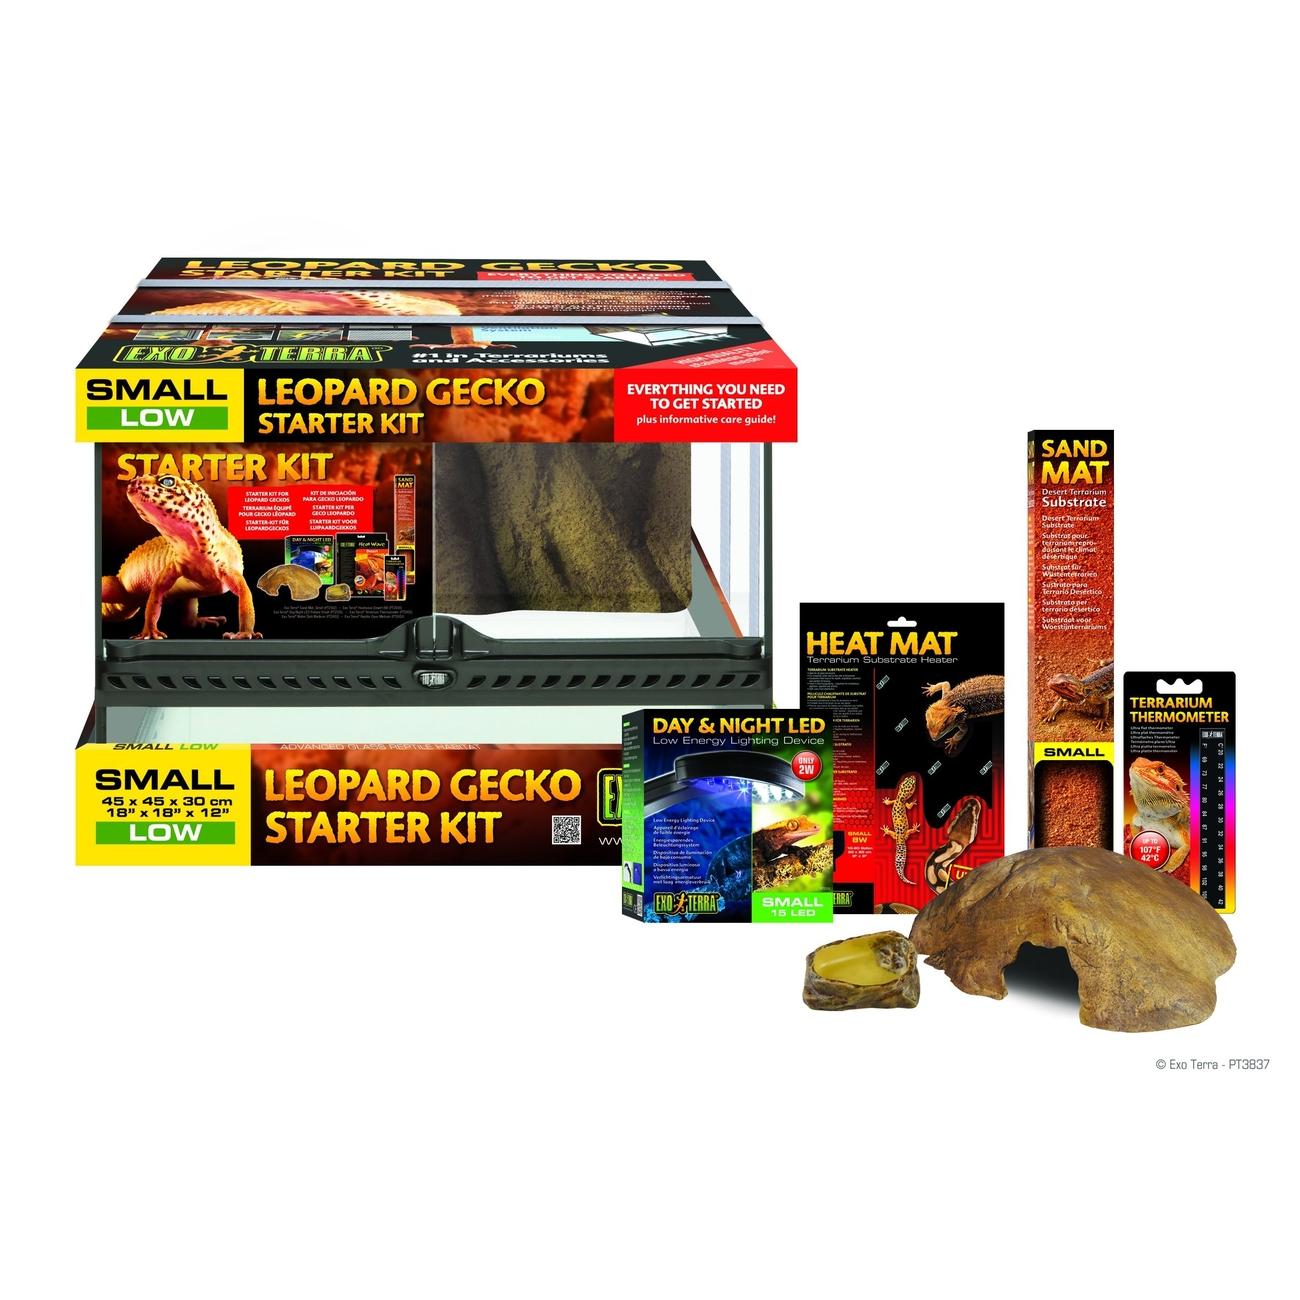 Hagen Exo Terra - Gecko Starter Kit, Leopard Gecko Starter Kit